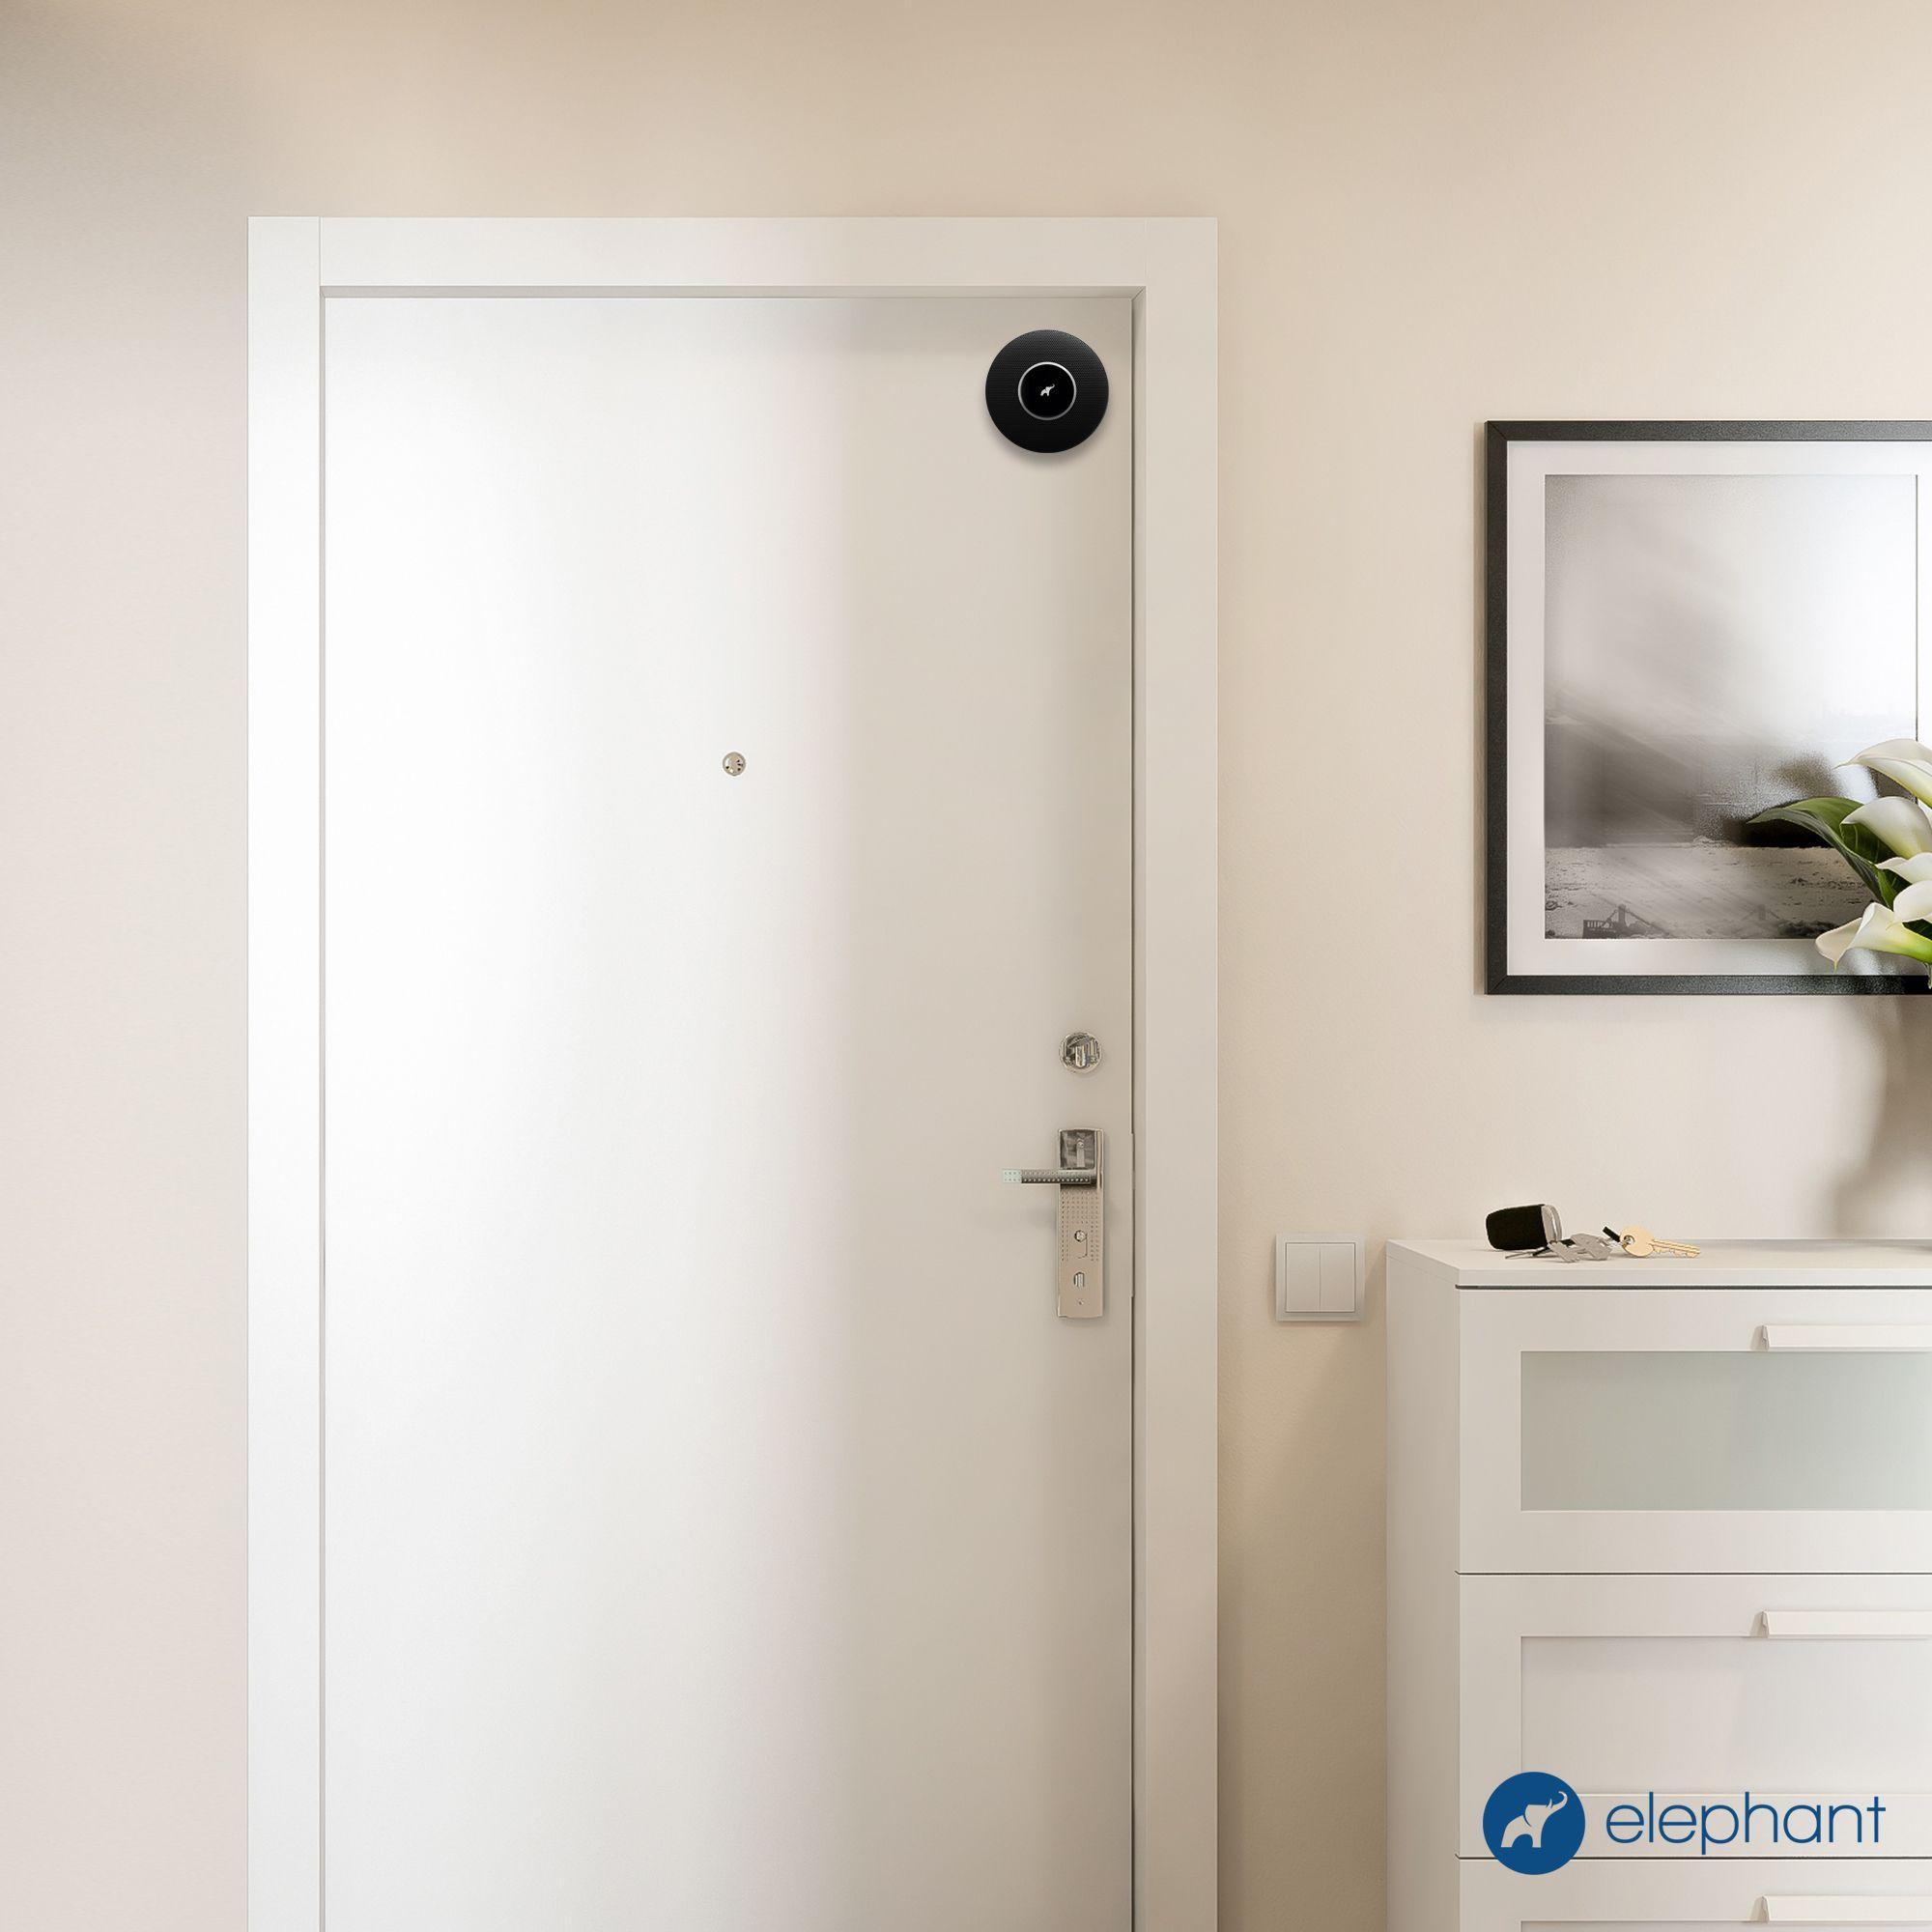 Door alarm # 1. Elephant Door smart super alarm. Perfect for ...